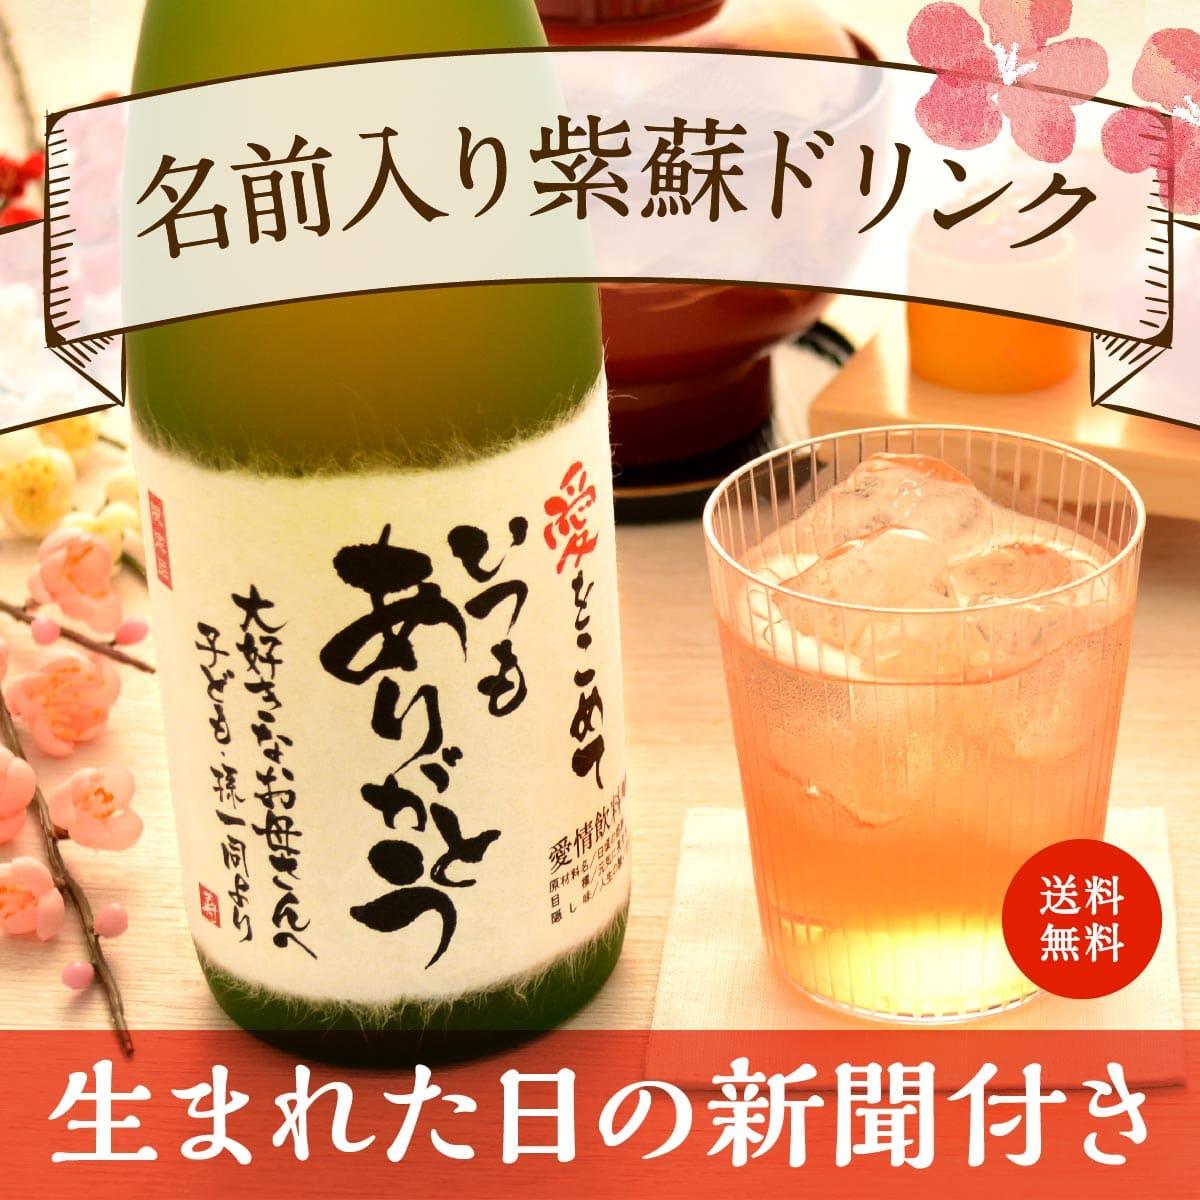 米寿祝い|健康面からも喜ばれるノンアルコール「紫蘇ゴールド」720ml(ジュース)